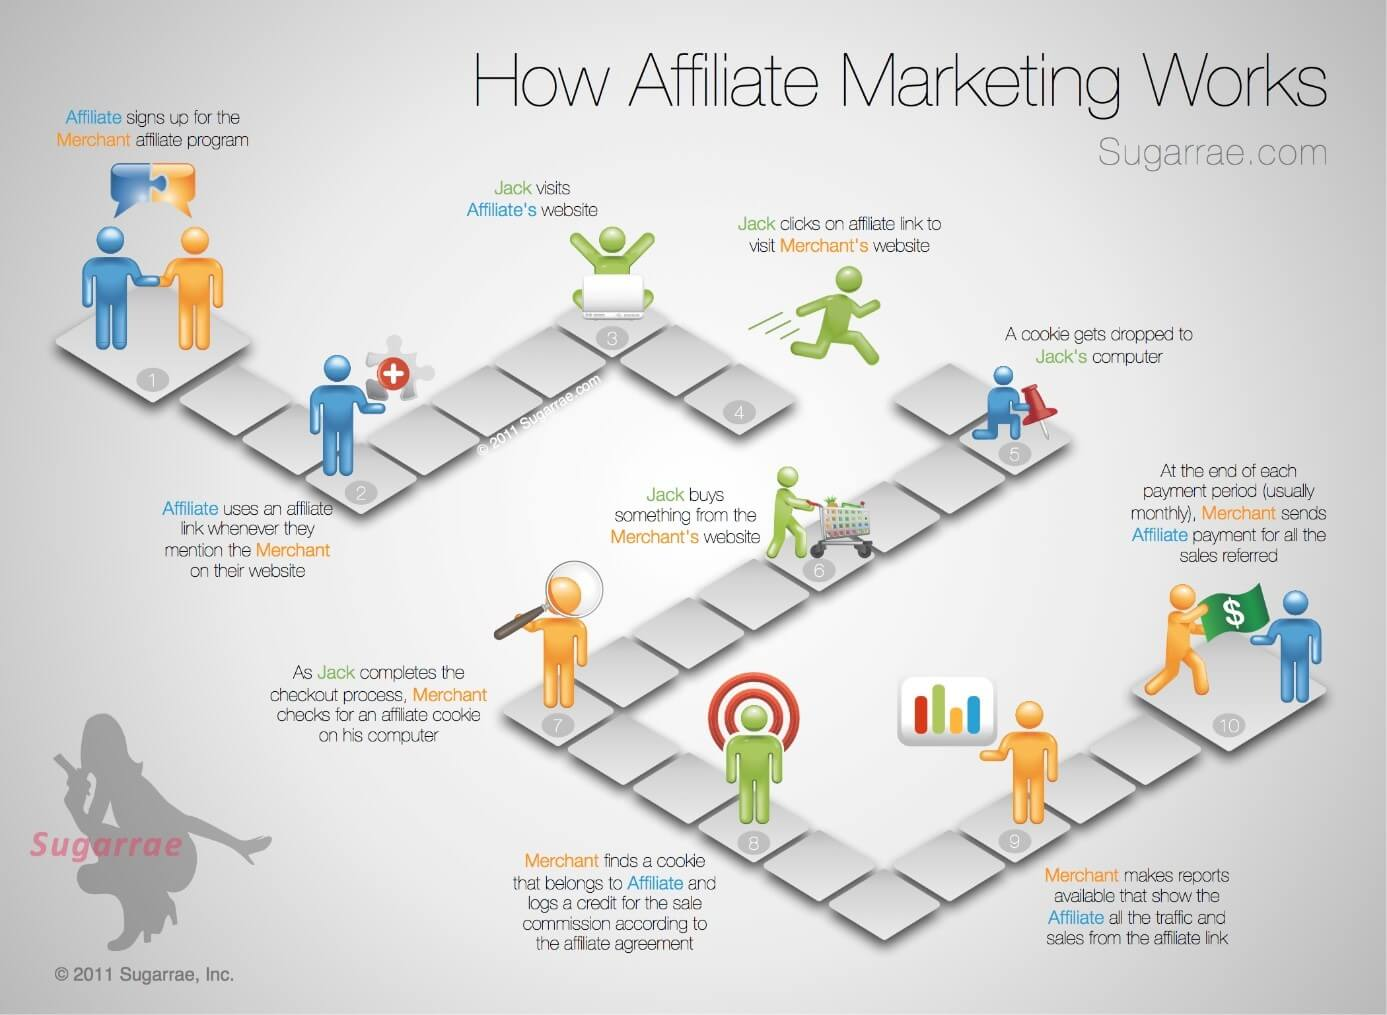 Cómo funciona el marketing de afiliados (Sugarrae.com)